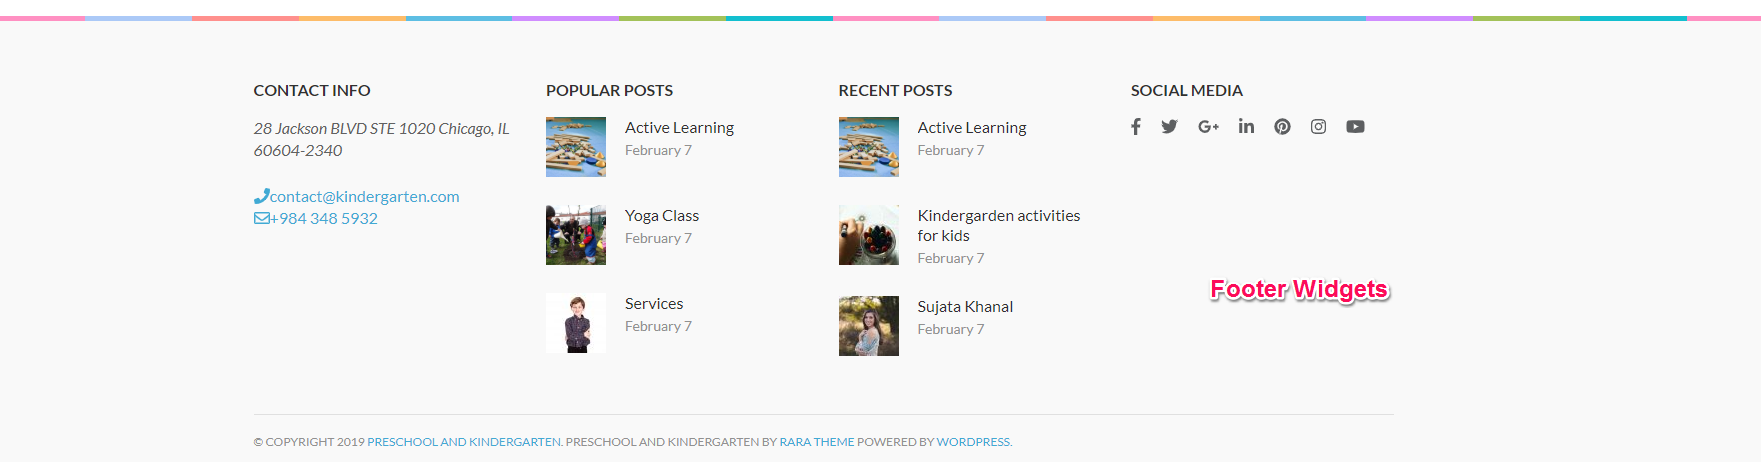 footer widgets for preschool and kindergarten